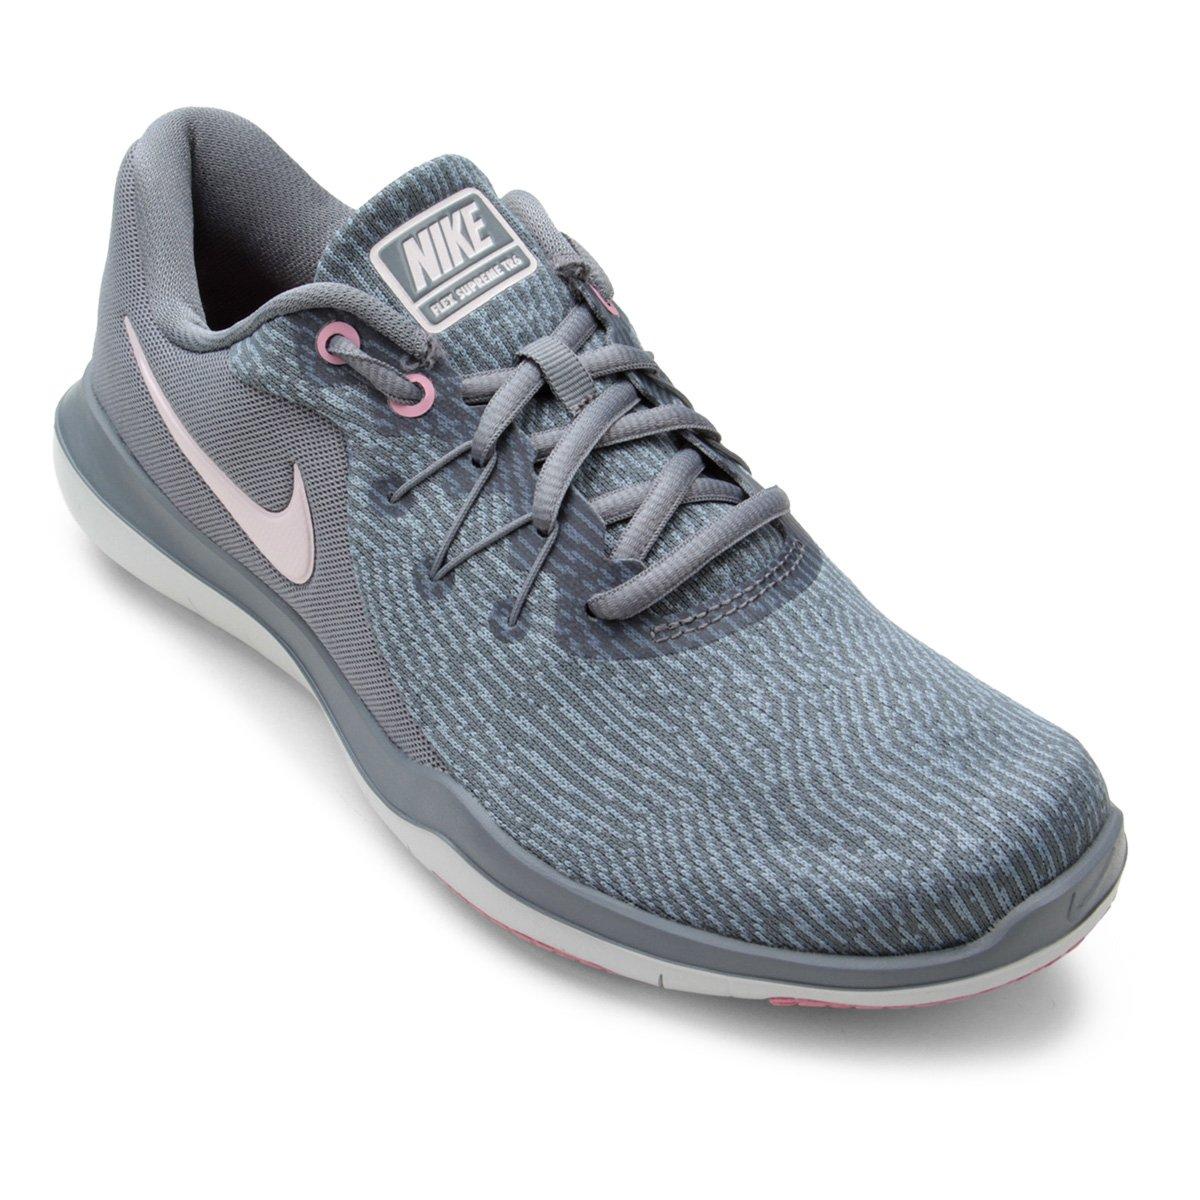 Tênis Nike Flex Supreme TR 6 Feminino - Cinza e Rosa - Compre Agora ... 8e61e757664dc